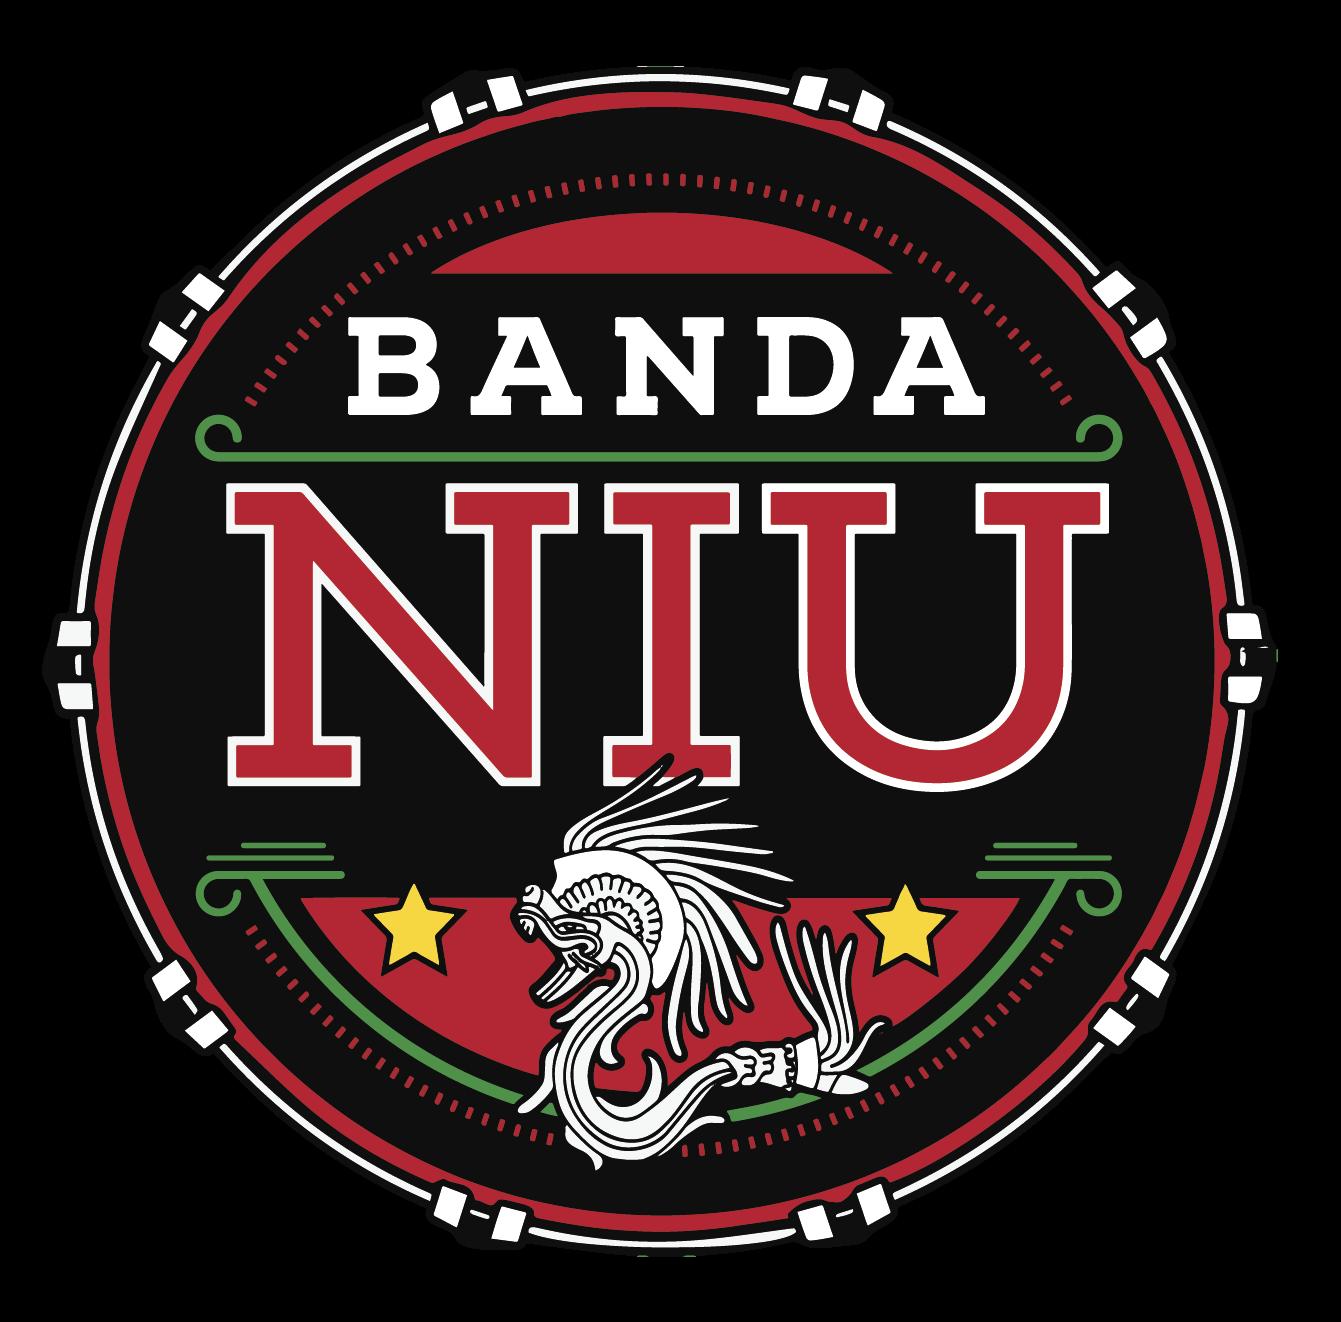 Circular Banda NIU logi in black and red